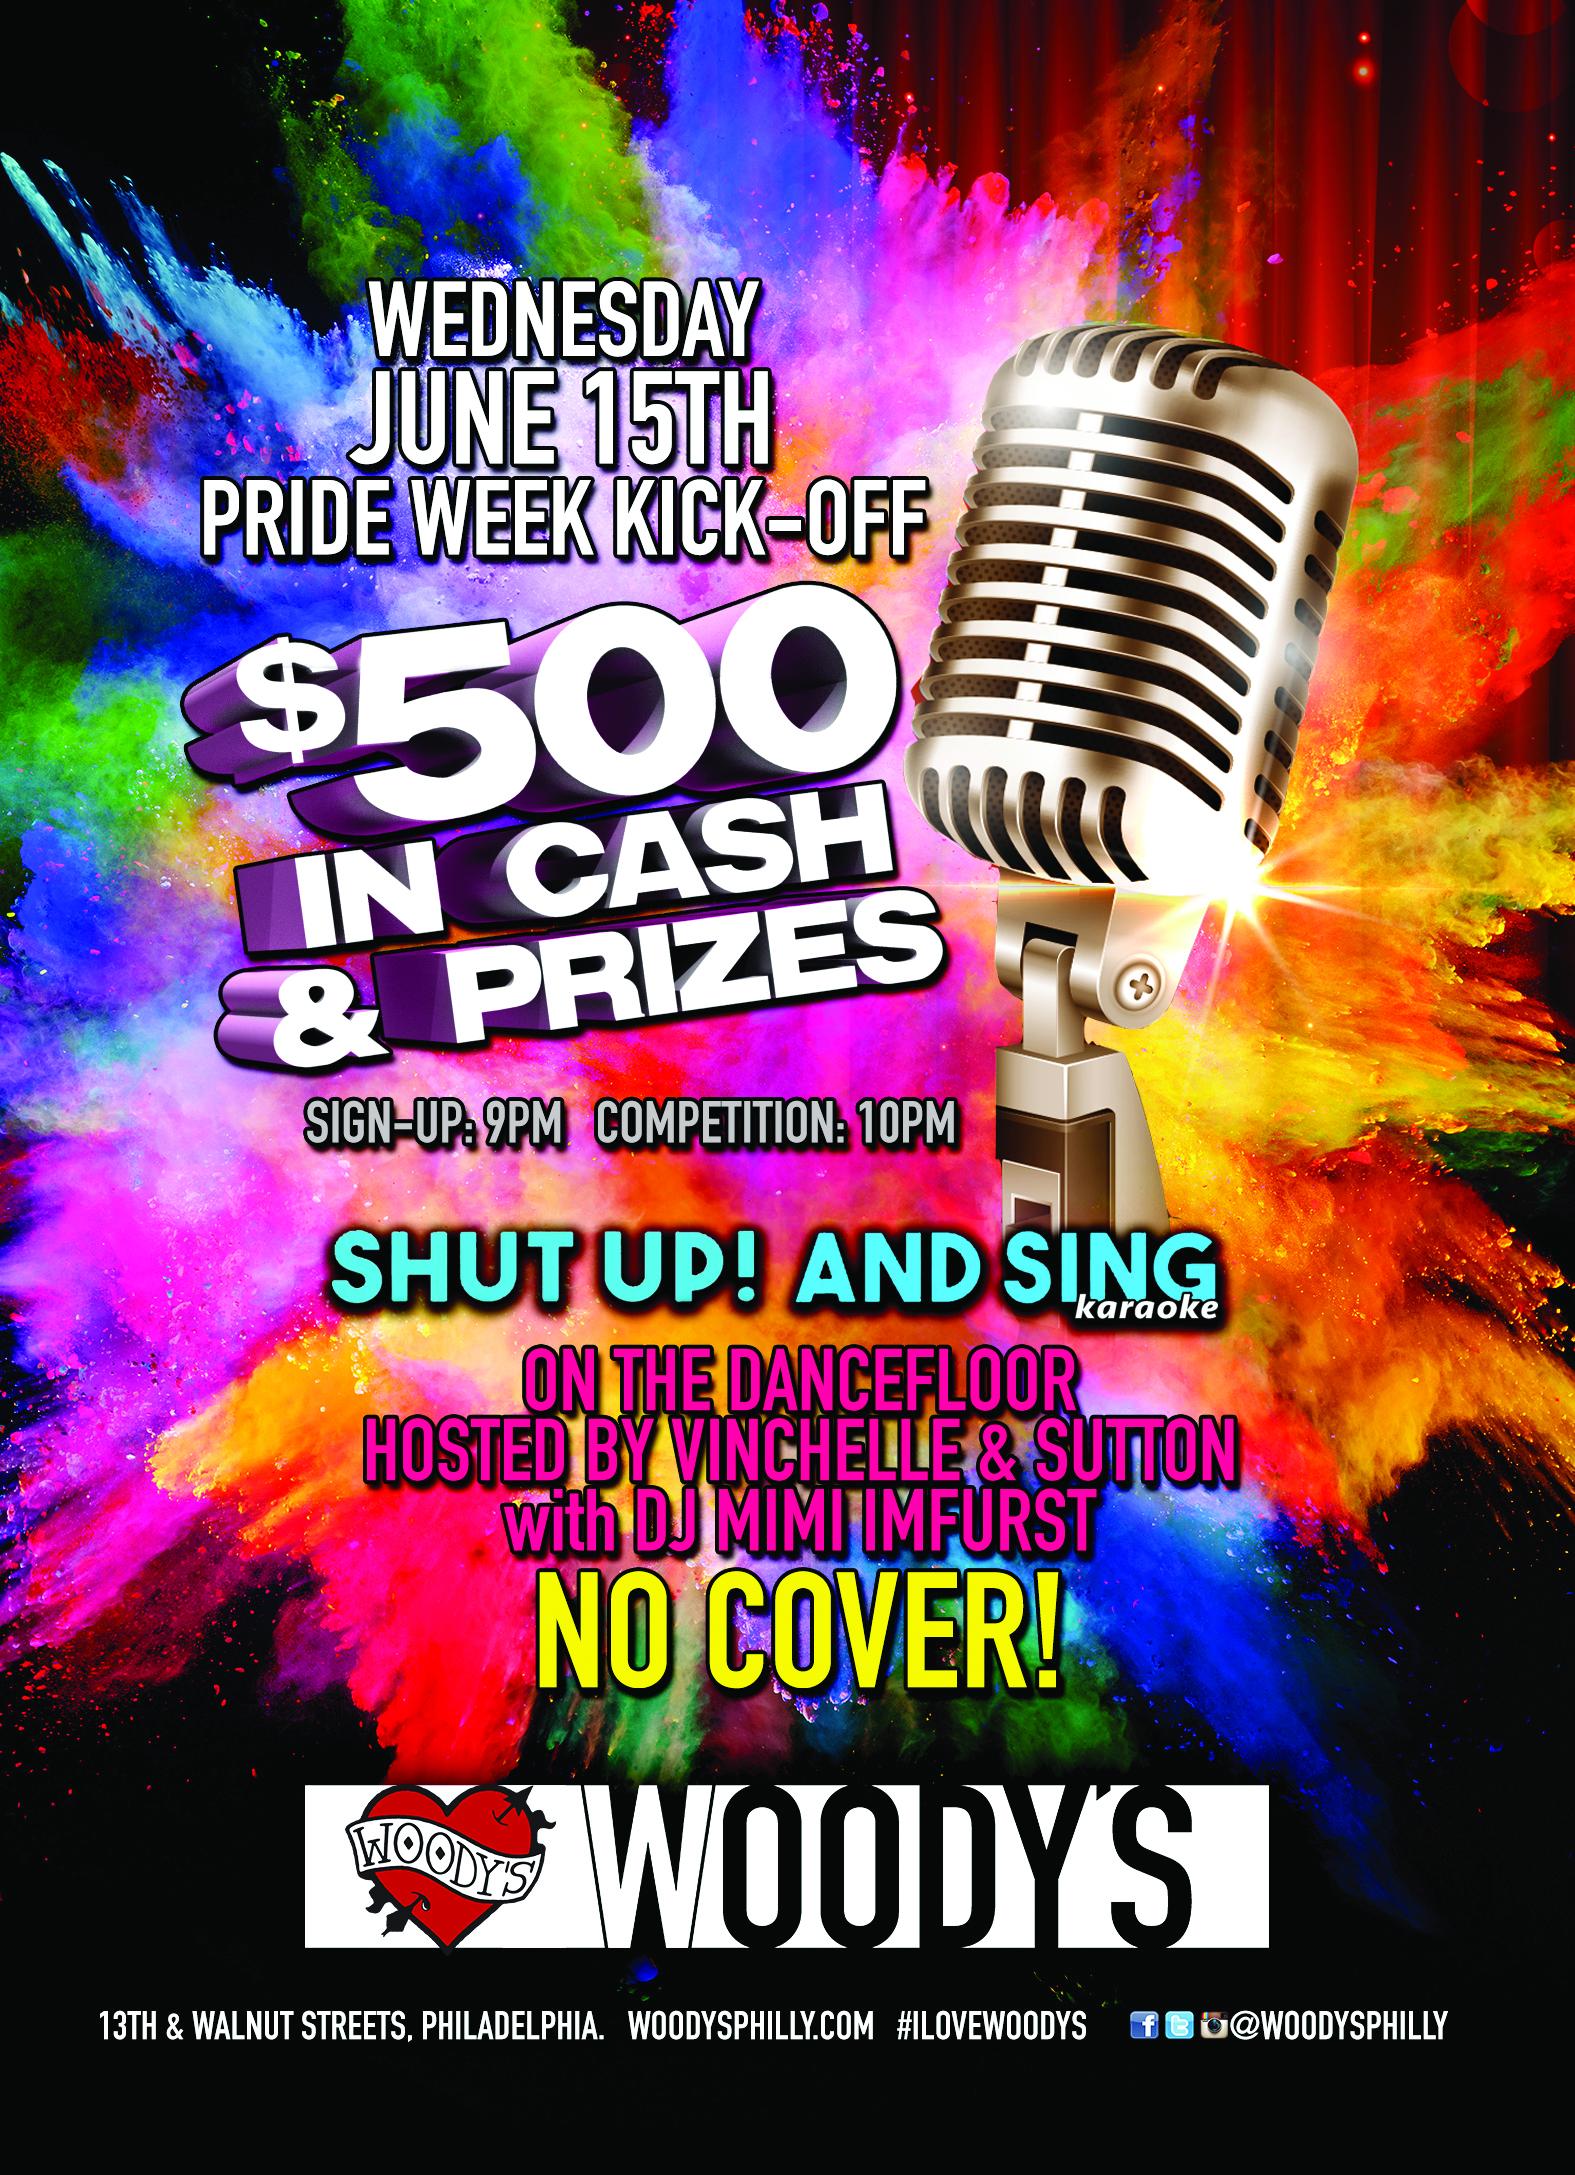 from Zain gay karaoke philadelphia